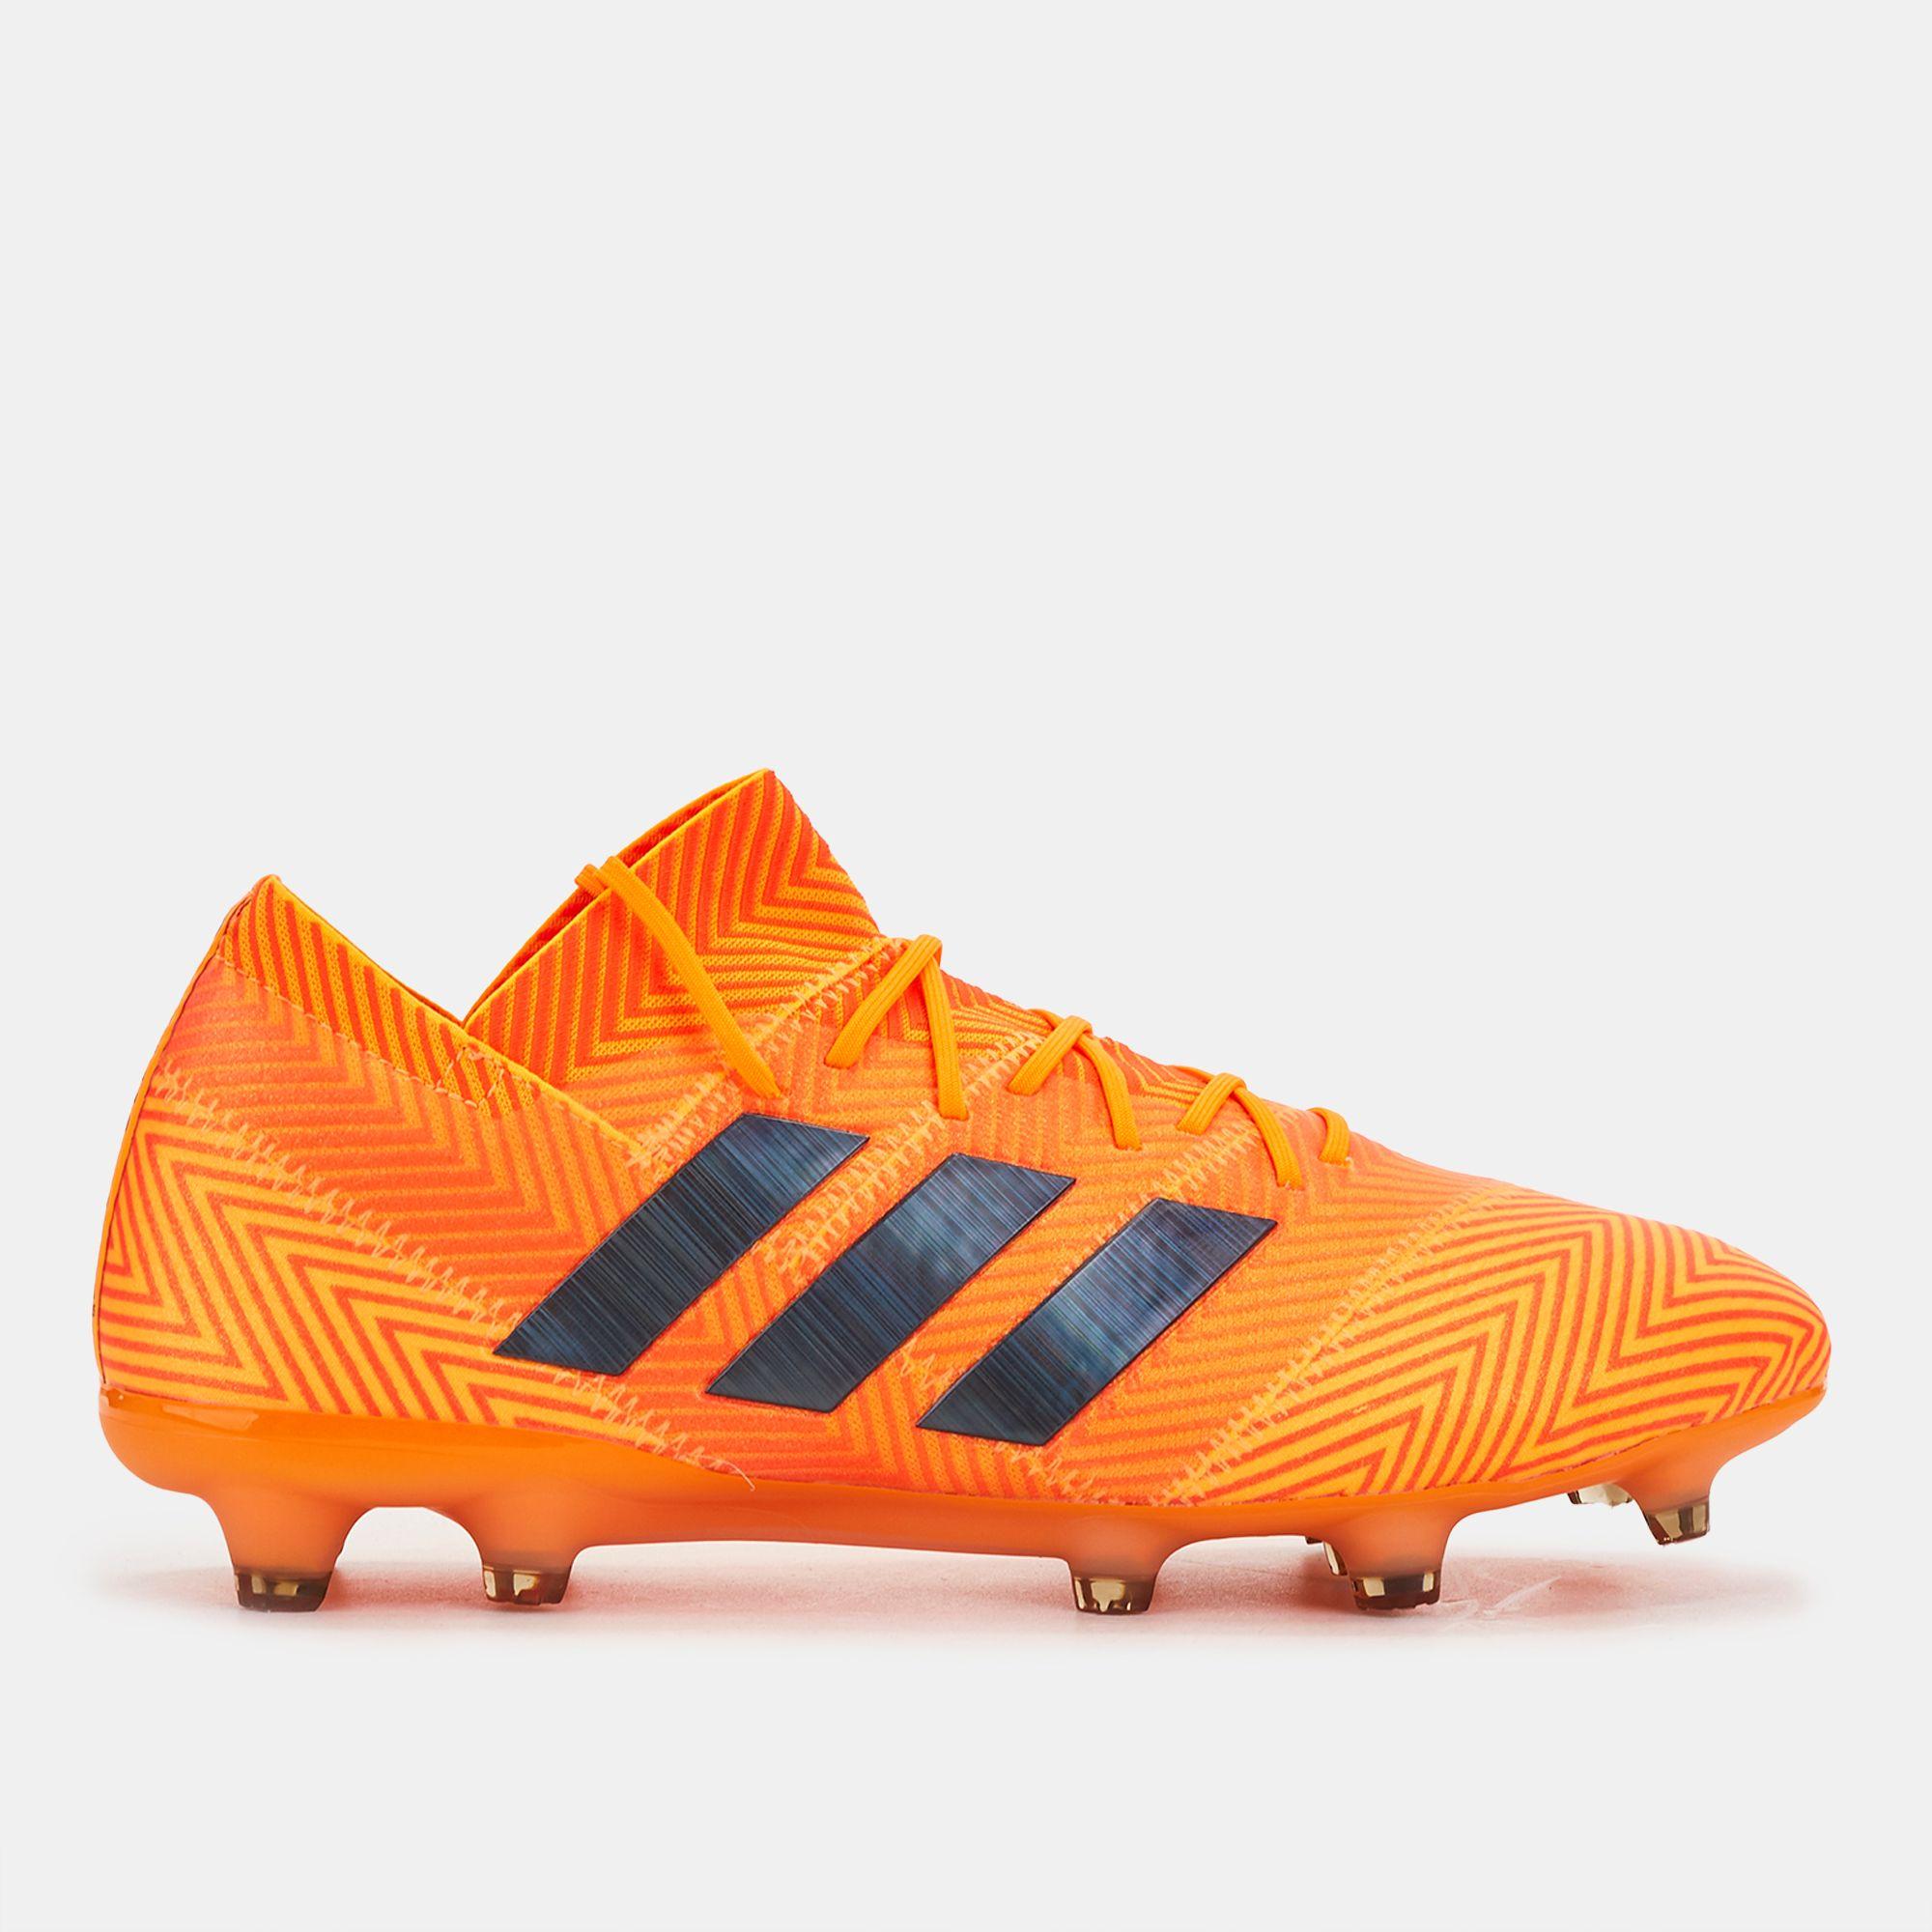 super popular fa7ce 8e4d0 adidas Energy Mode Nemeziz 18.1 Firm Ground Football Shoe   Football ...